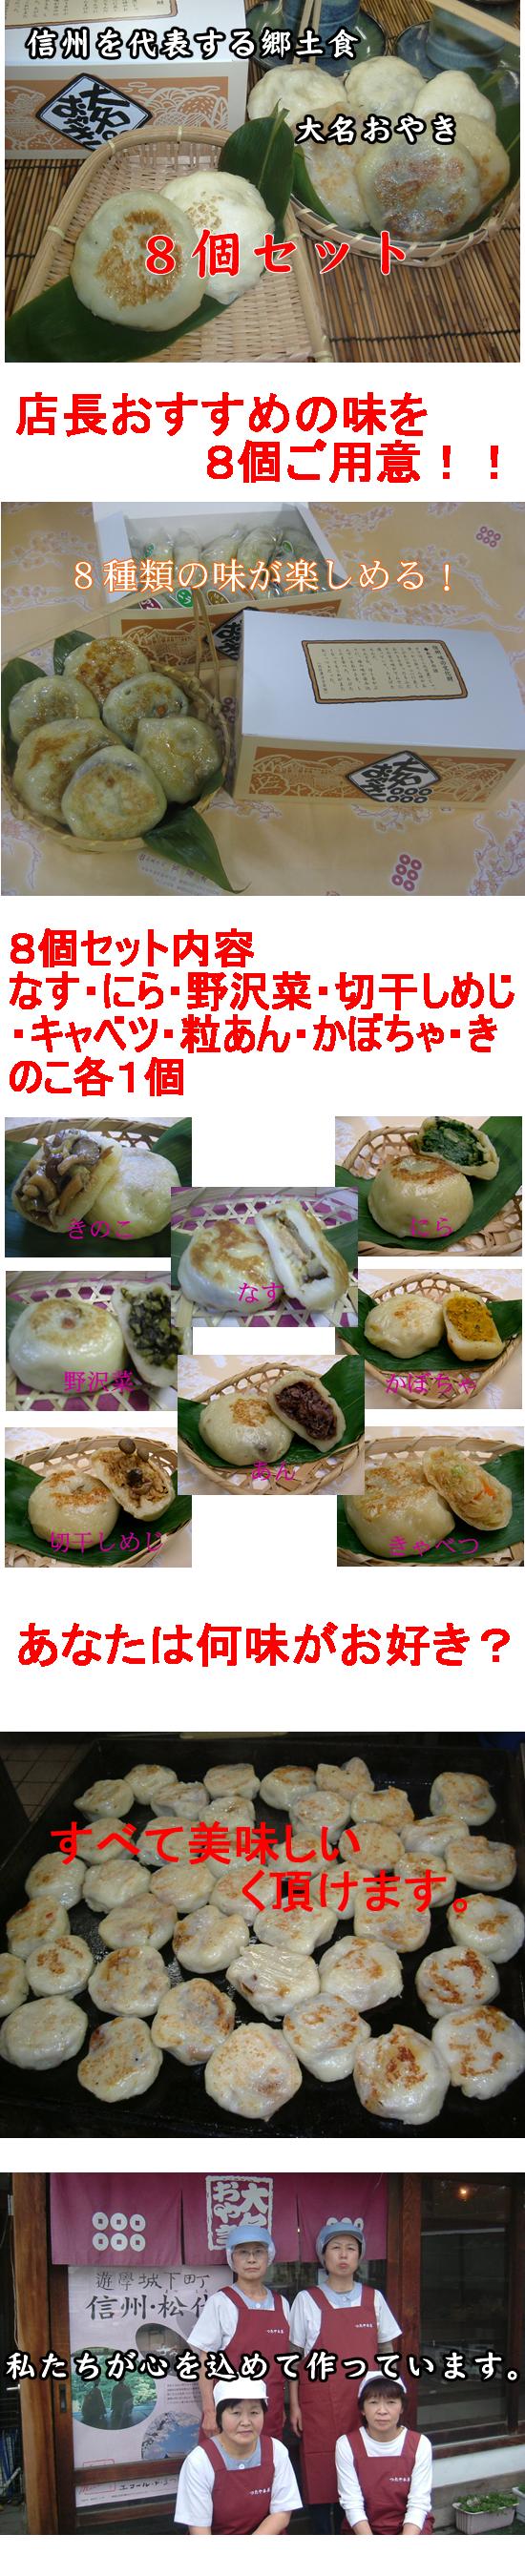 8oyakigazou